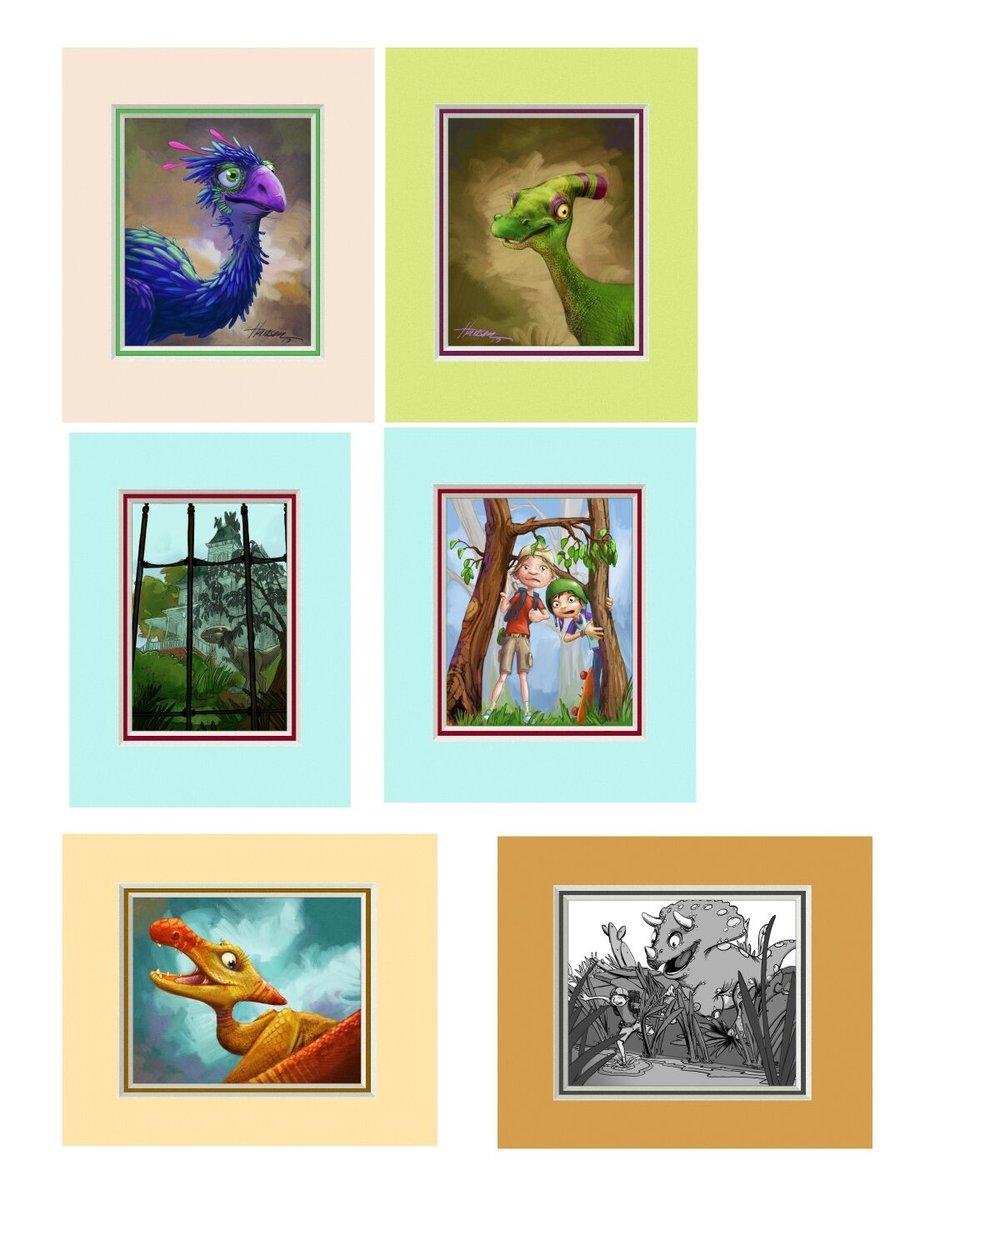 Microsaurs portrait page 1.jpg